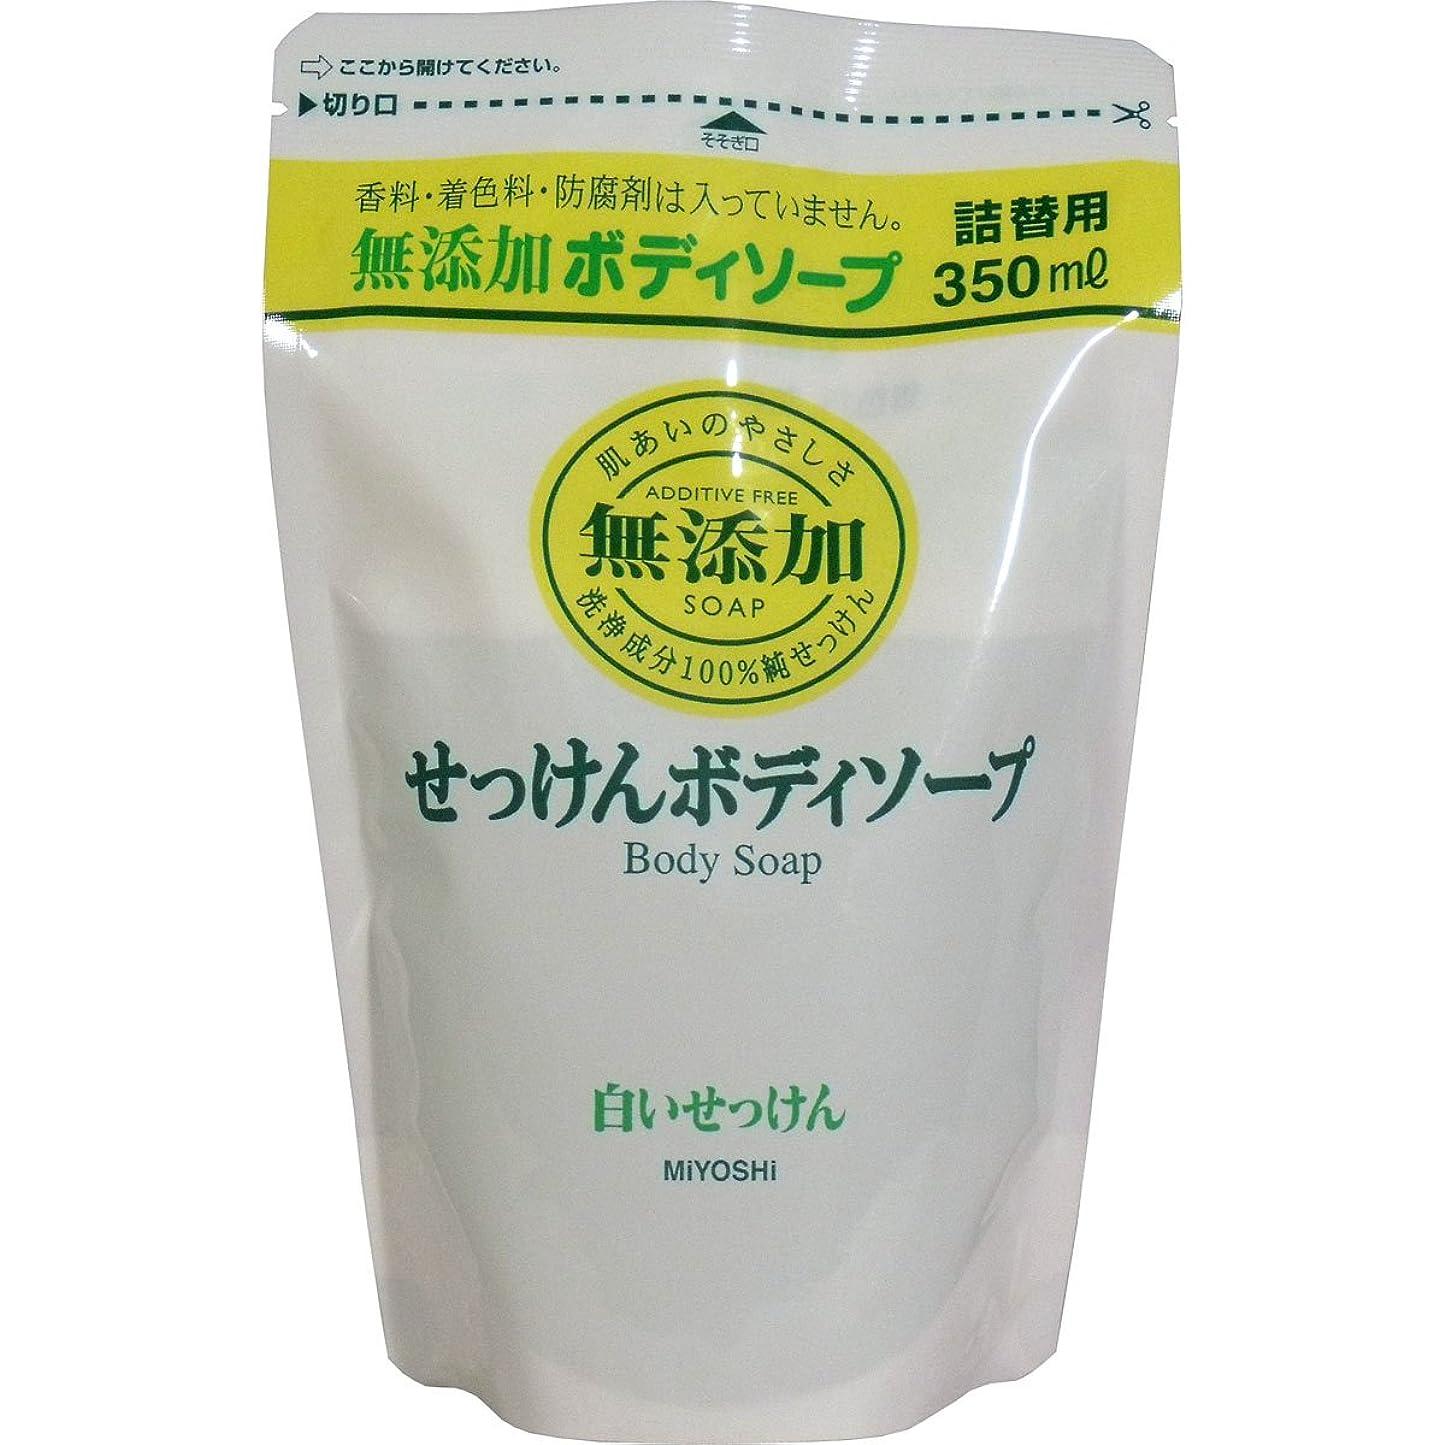 翻訳する加害者黒くする無添加 ボディソープ 白い石けん つめかえ用 350ml(無添加石鹸) 7セット